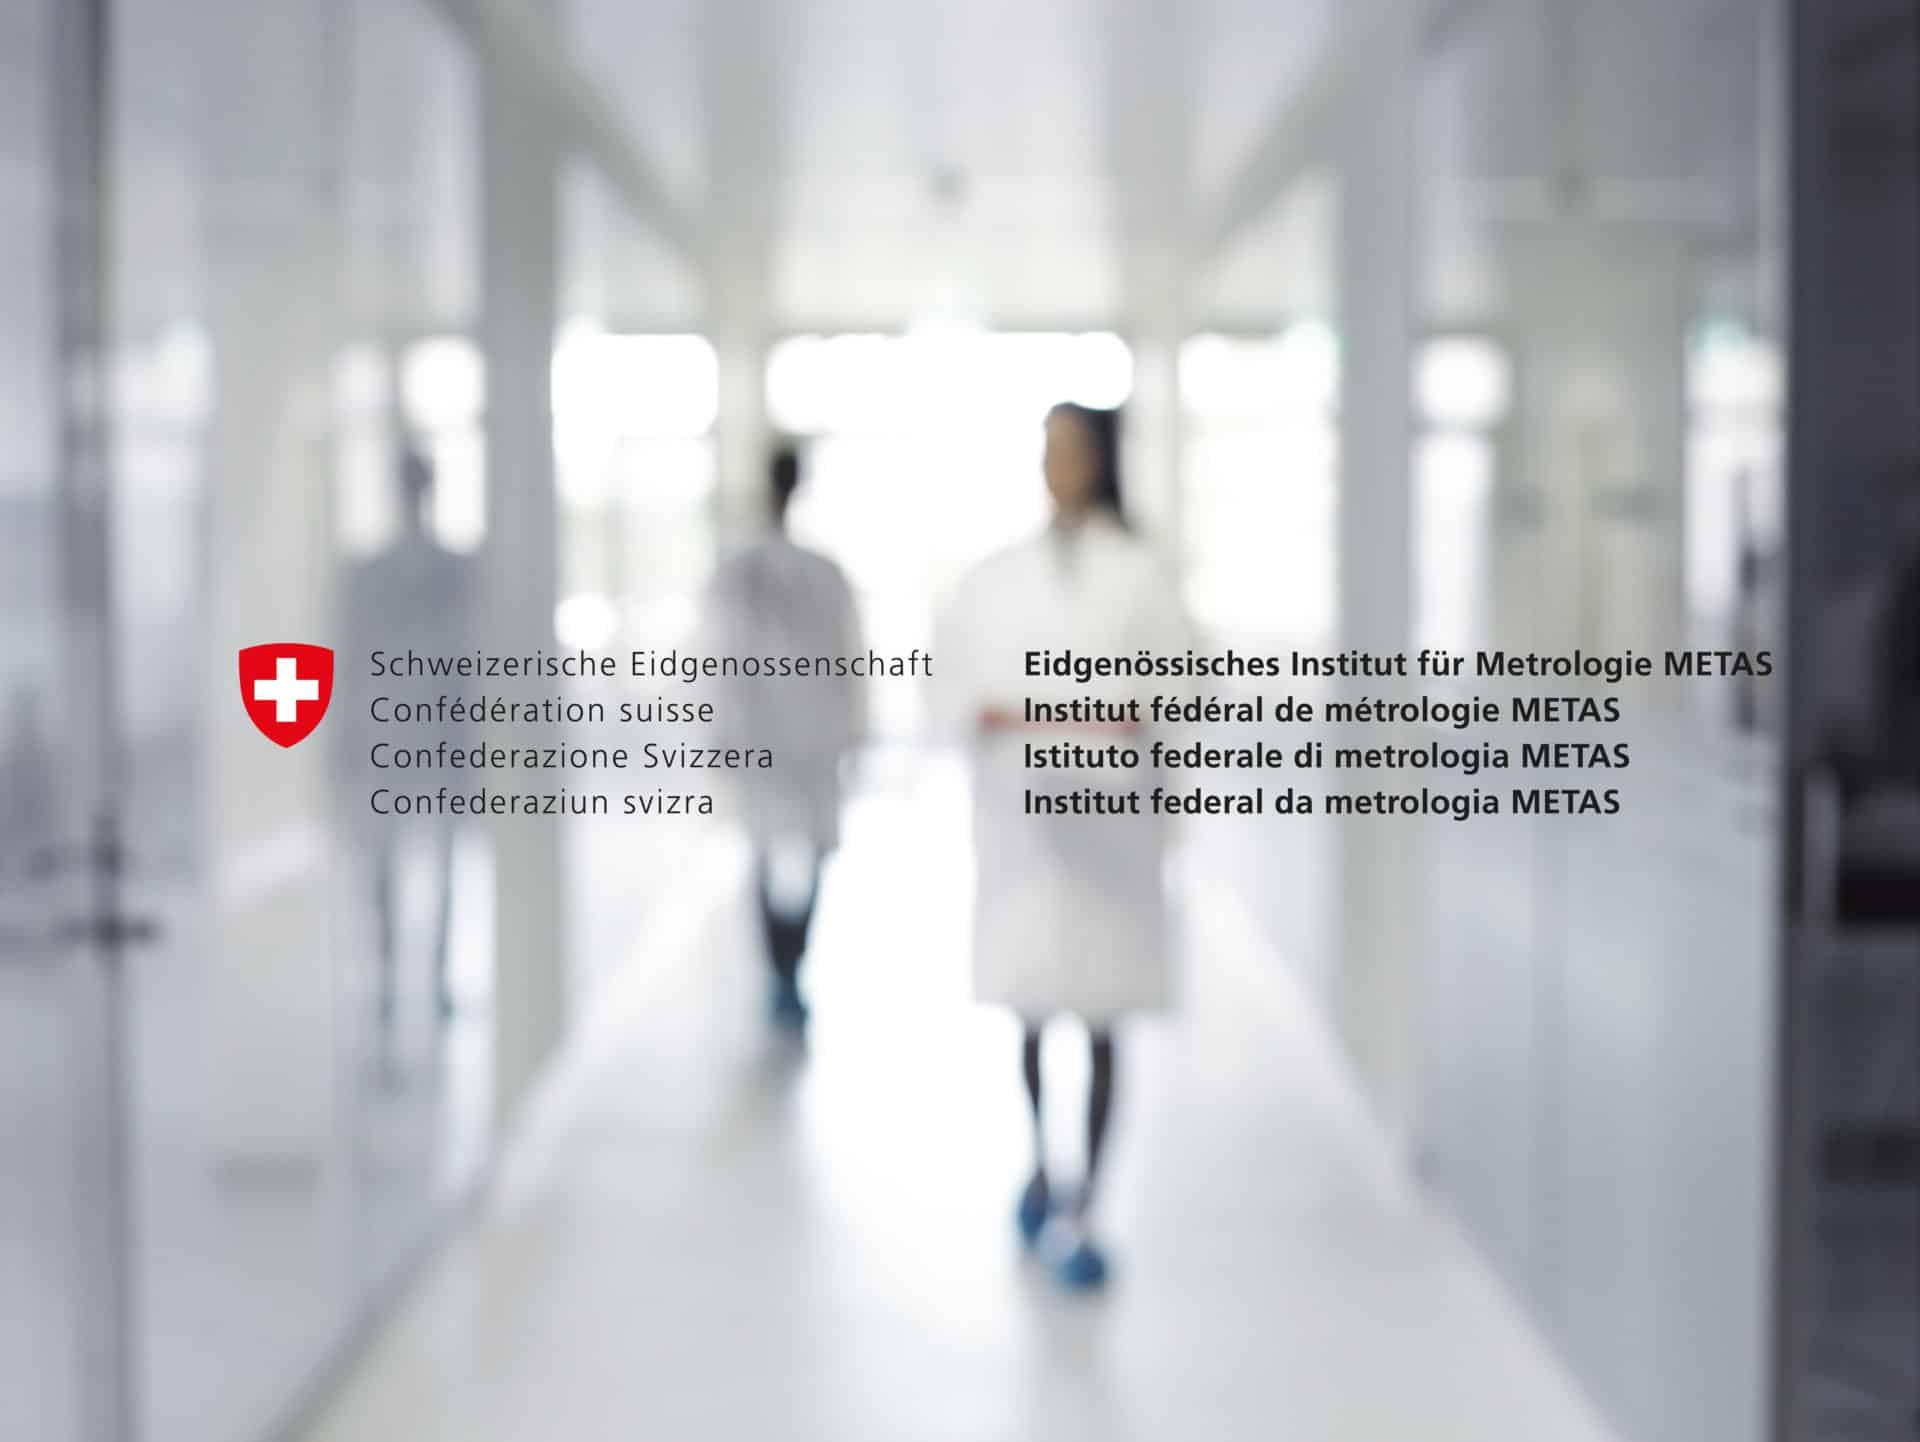 In klinischer Atmosphäre werden die Werke bei METAS auf Herz und Nieren geprüft